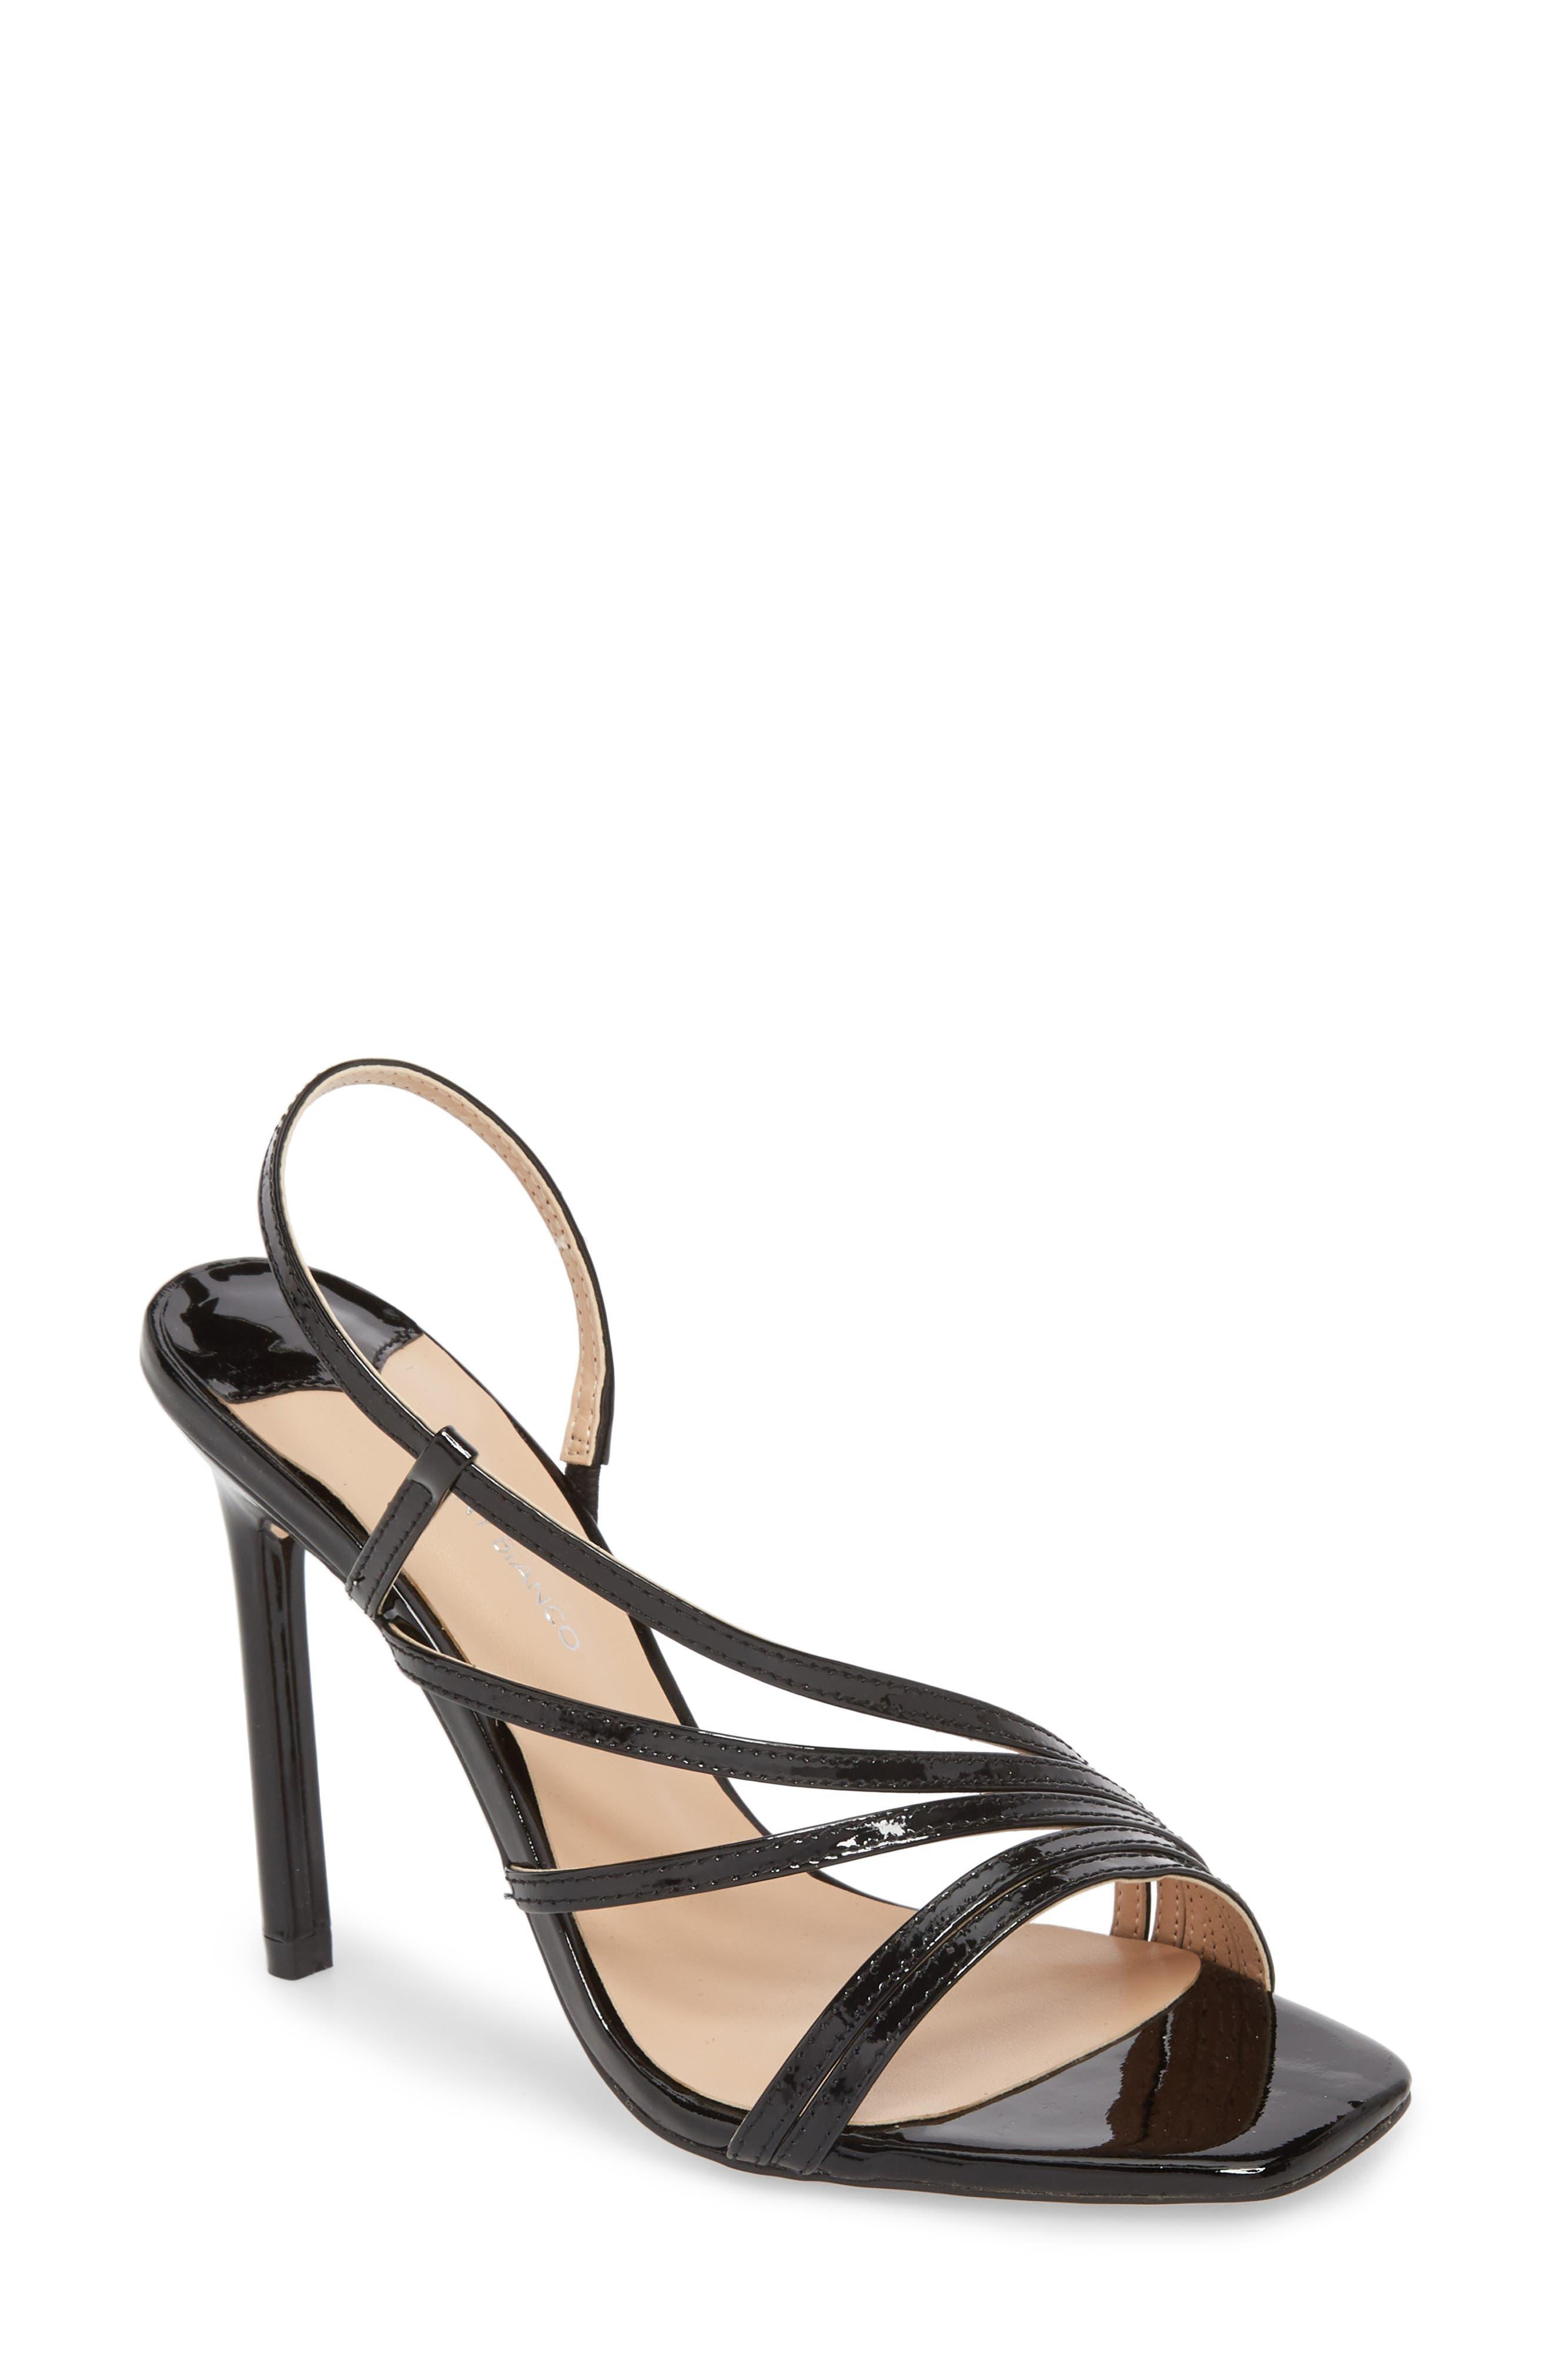 Selena Sandal,                             Main thumbnail 1, color,                             Black Patent Leather